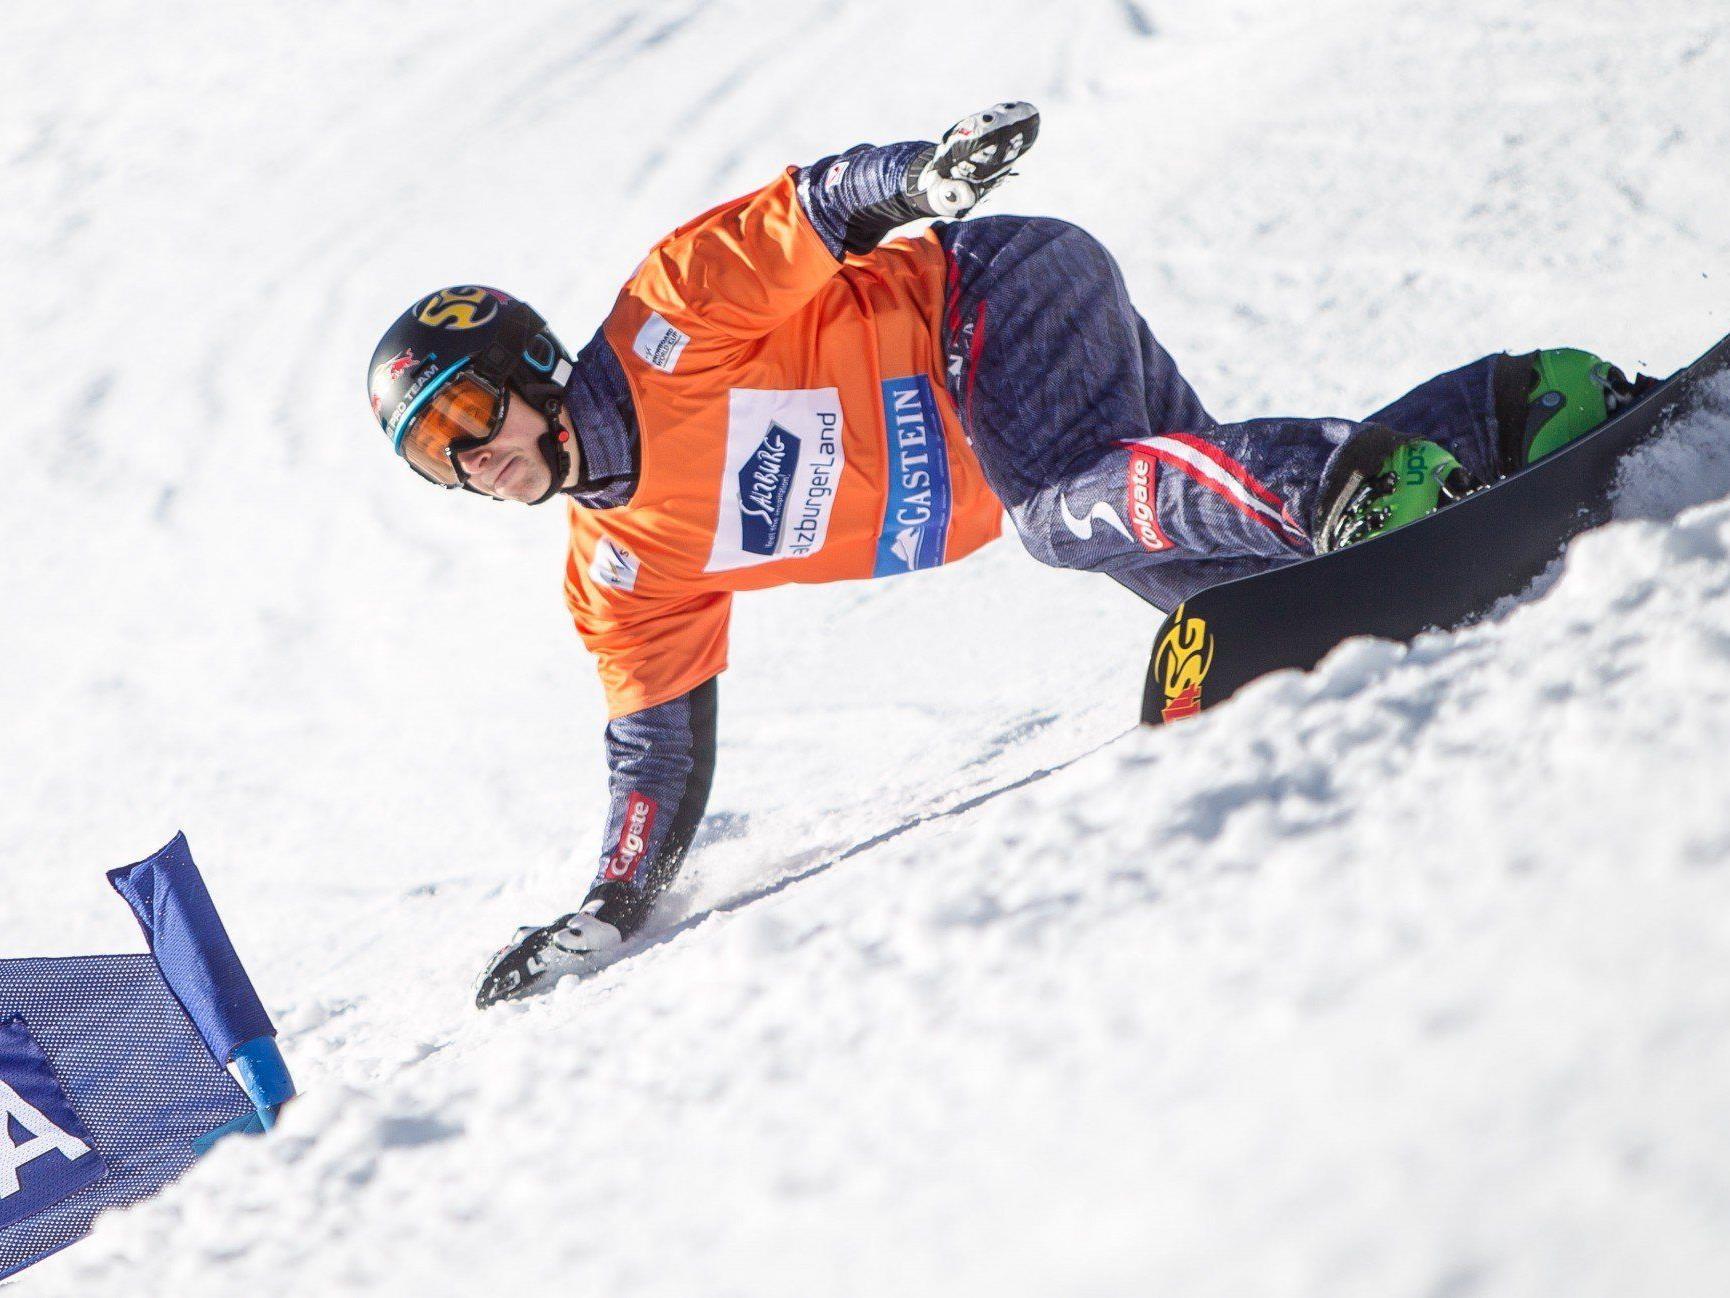 Vorarlberger Lukas Mathies holte Parallel-Weltcup in Sudelfeld.